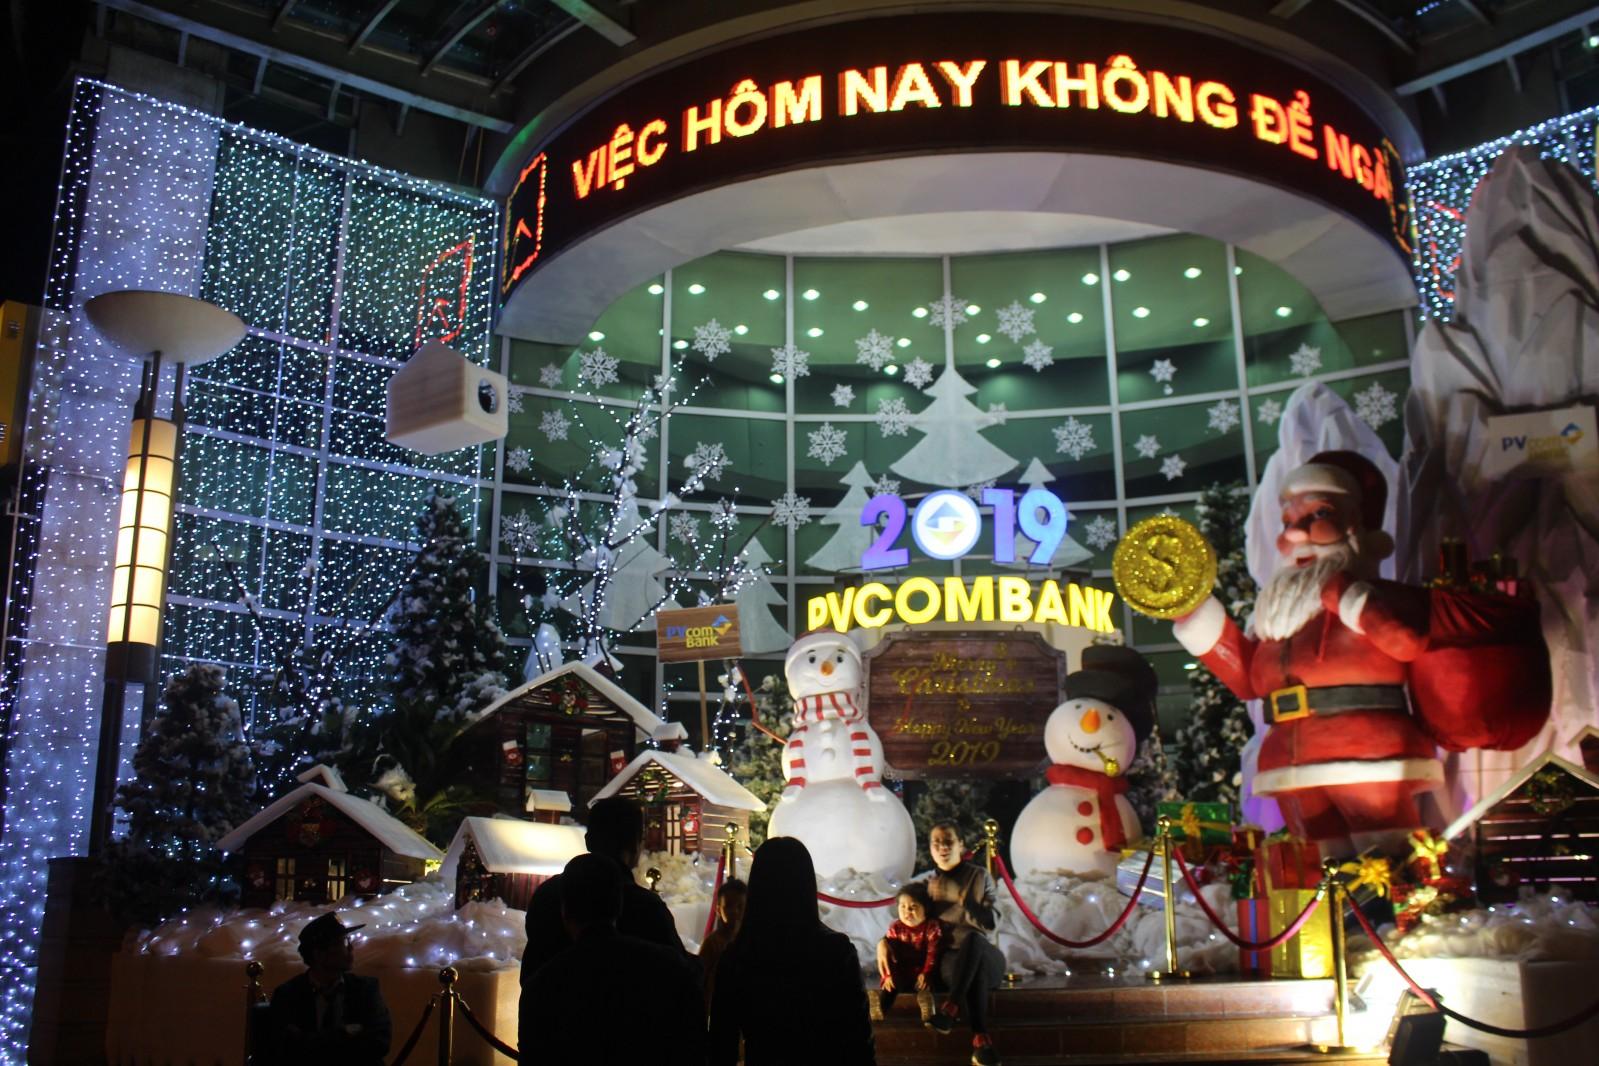 Ở một số tòa nhà của các doanh nghiệp, ngân hàng như tòa nhà PVCOMBANK (22 Ngô Quyền, Hoàn Kiếm, Hà Nội )p/đã đón giáng sinh, năm mới sớm